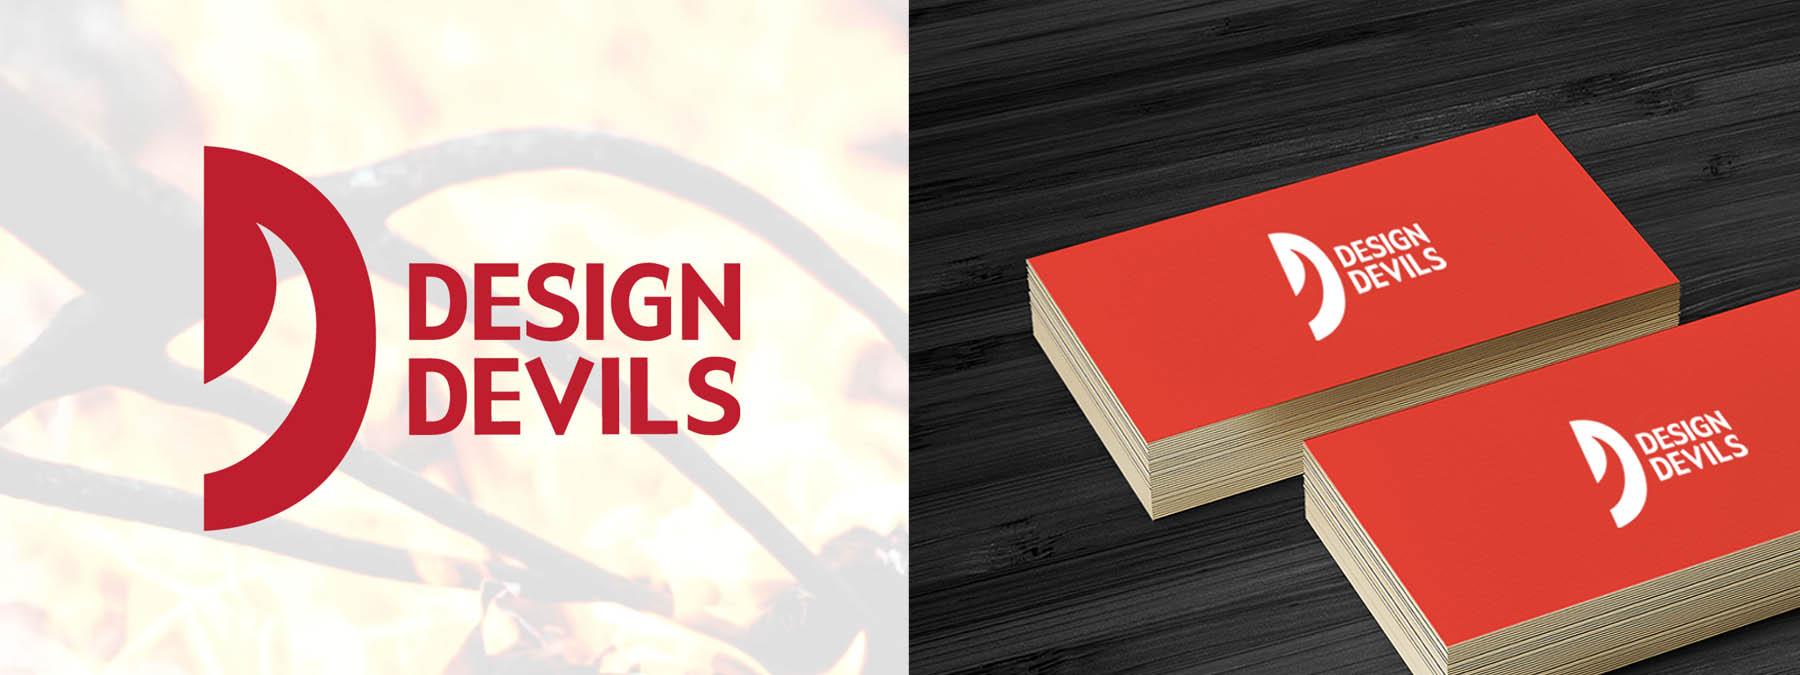 Design Devils logo banner.jpg